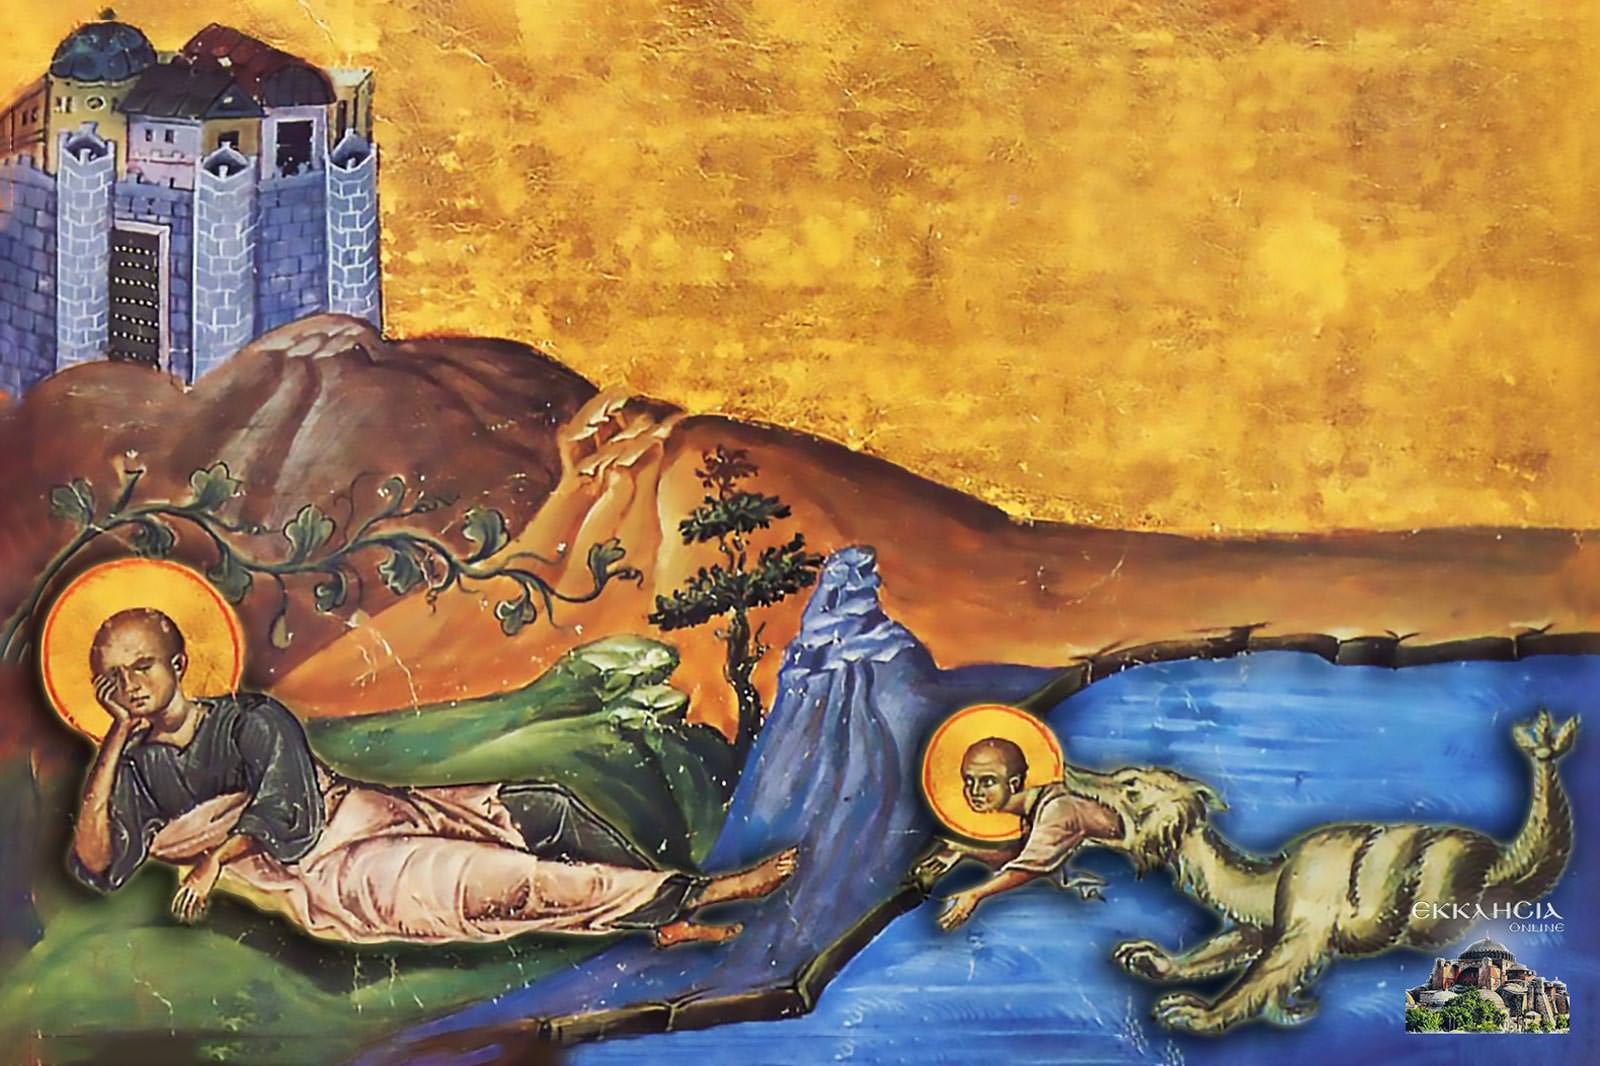 Προφήτης Ιωνάς Θαύμα 21 Σεπτεμβρίου